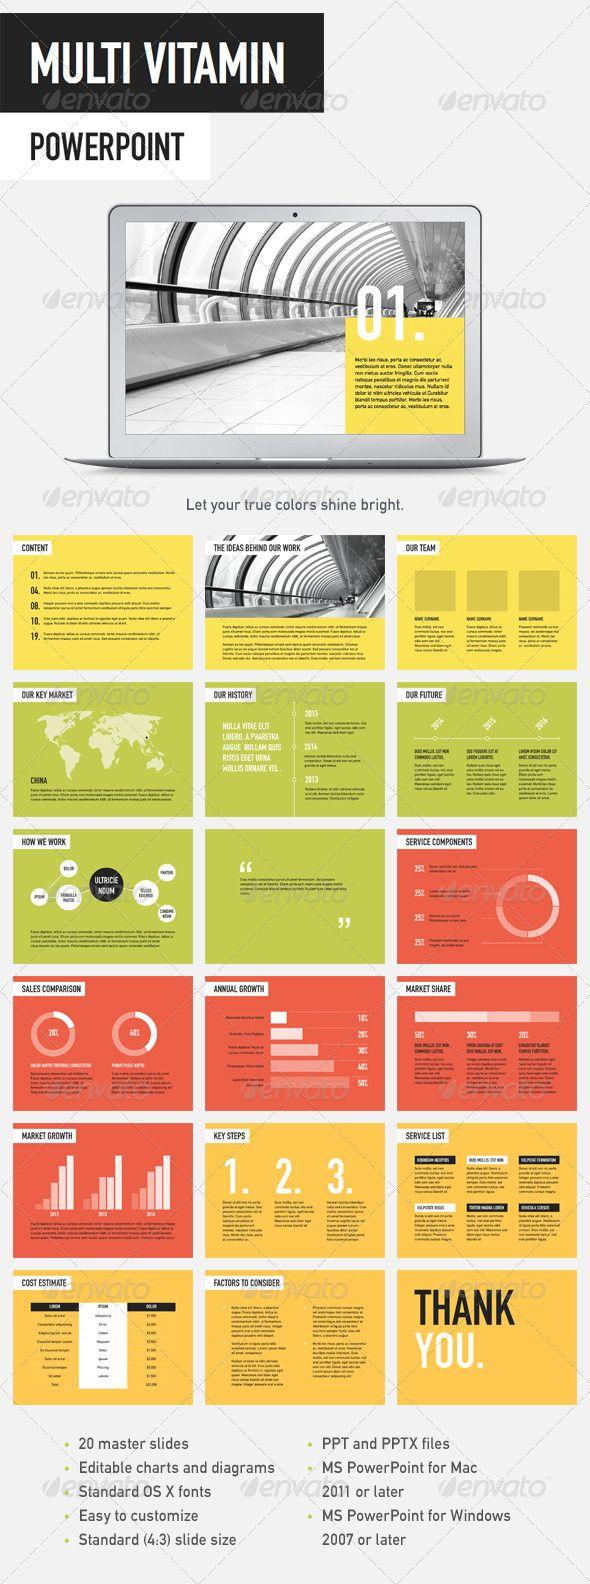 Multi Vitamin PowerPoint Template (Powerpoint Templates)